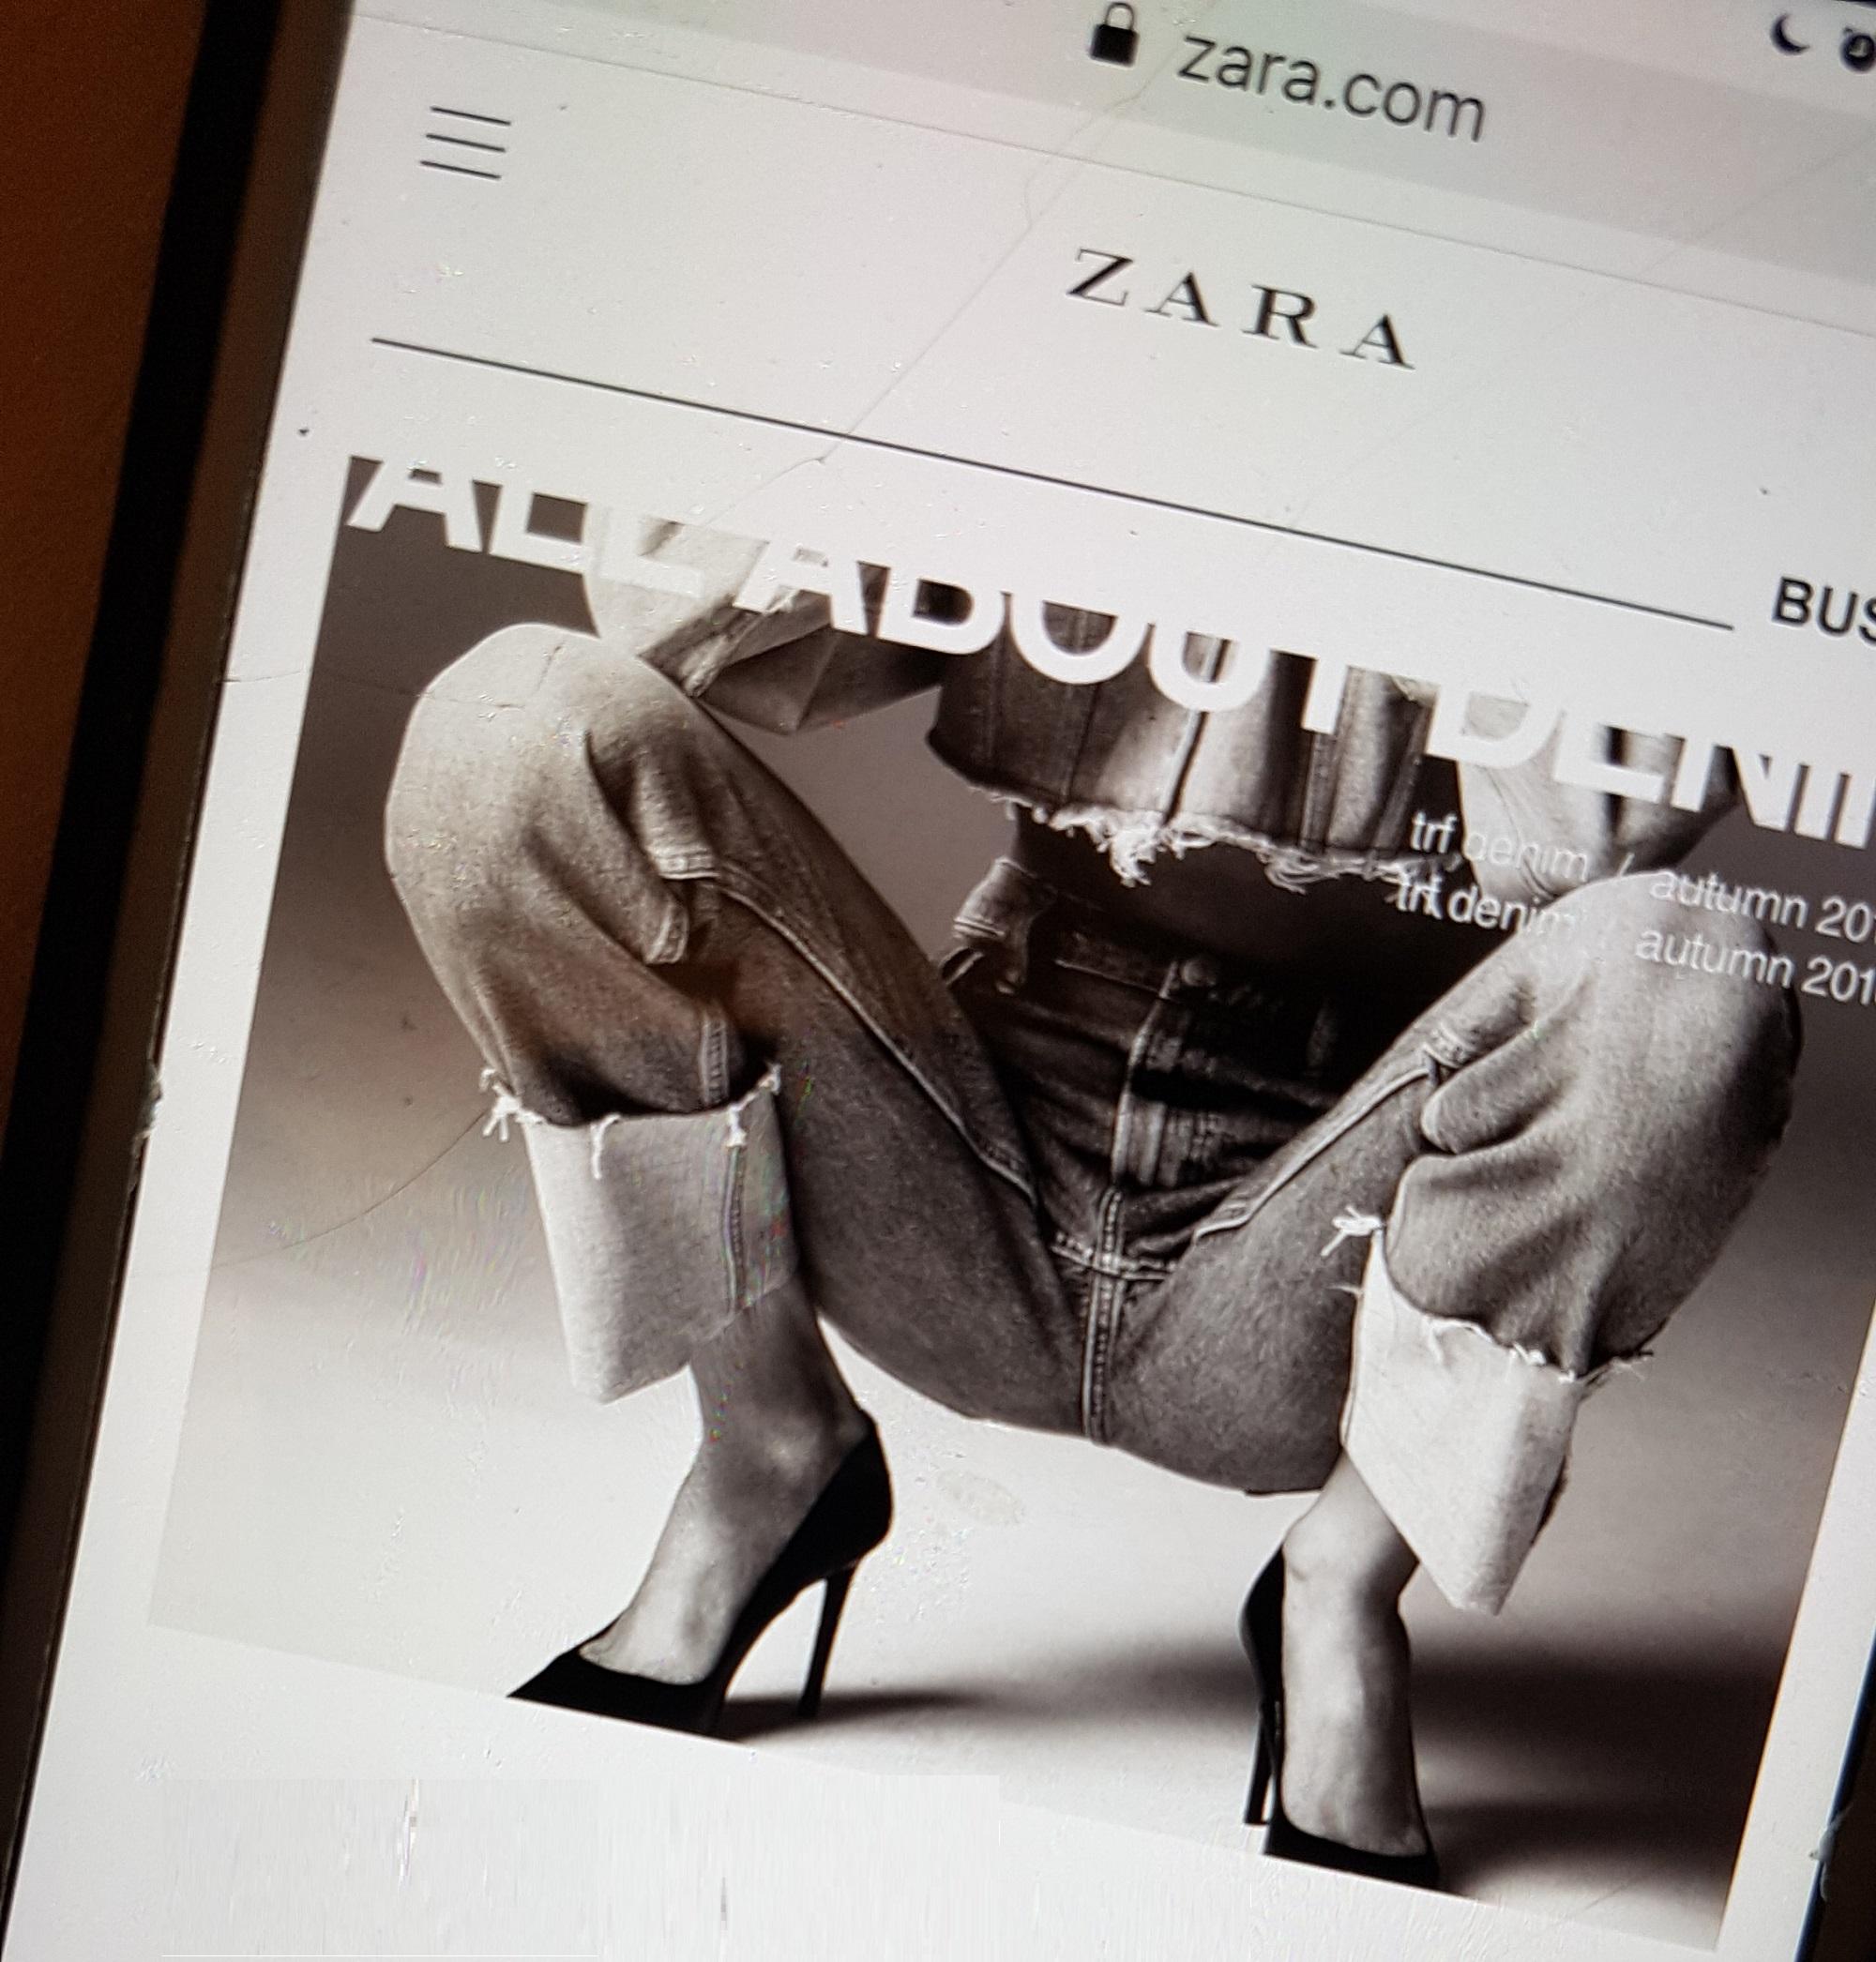 Tienda virtual de Zara en el móvil